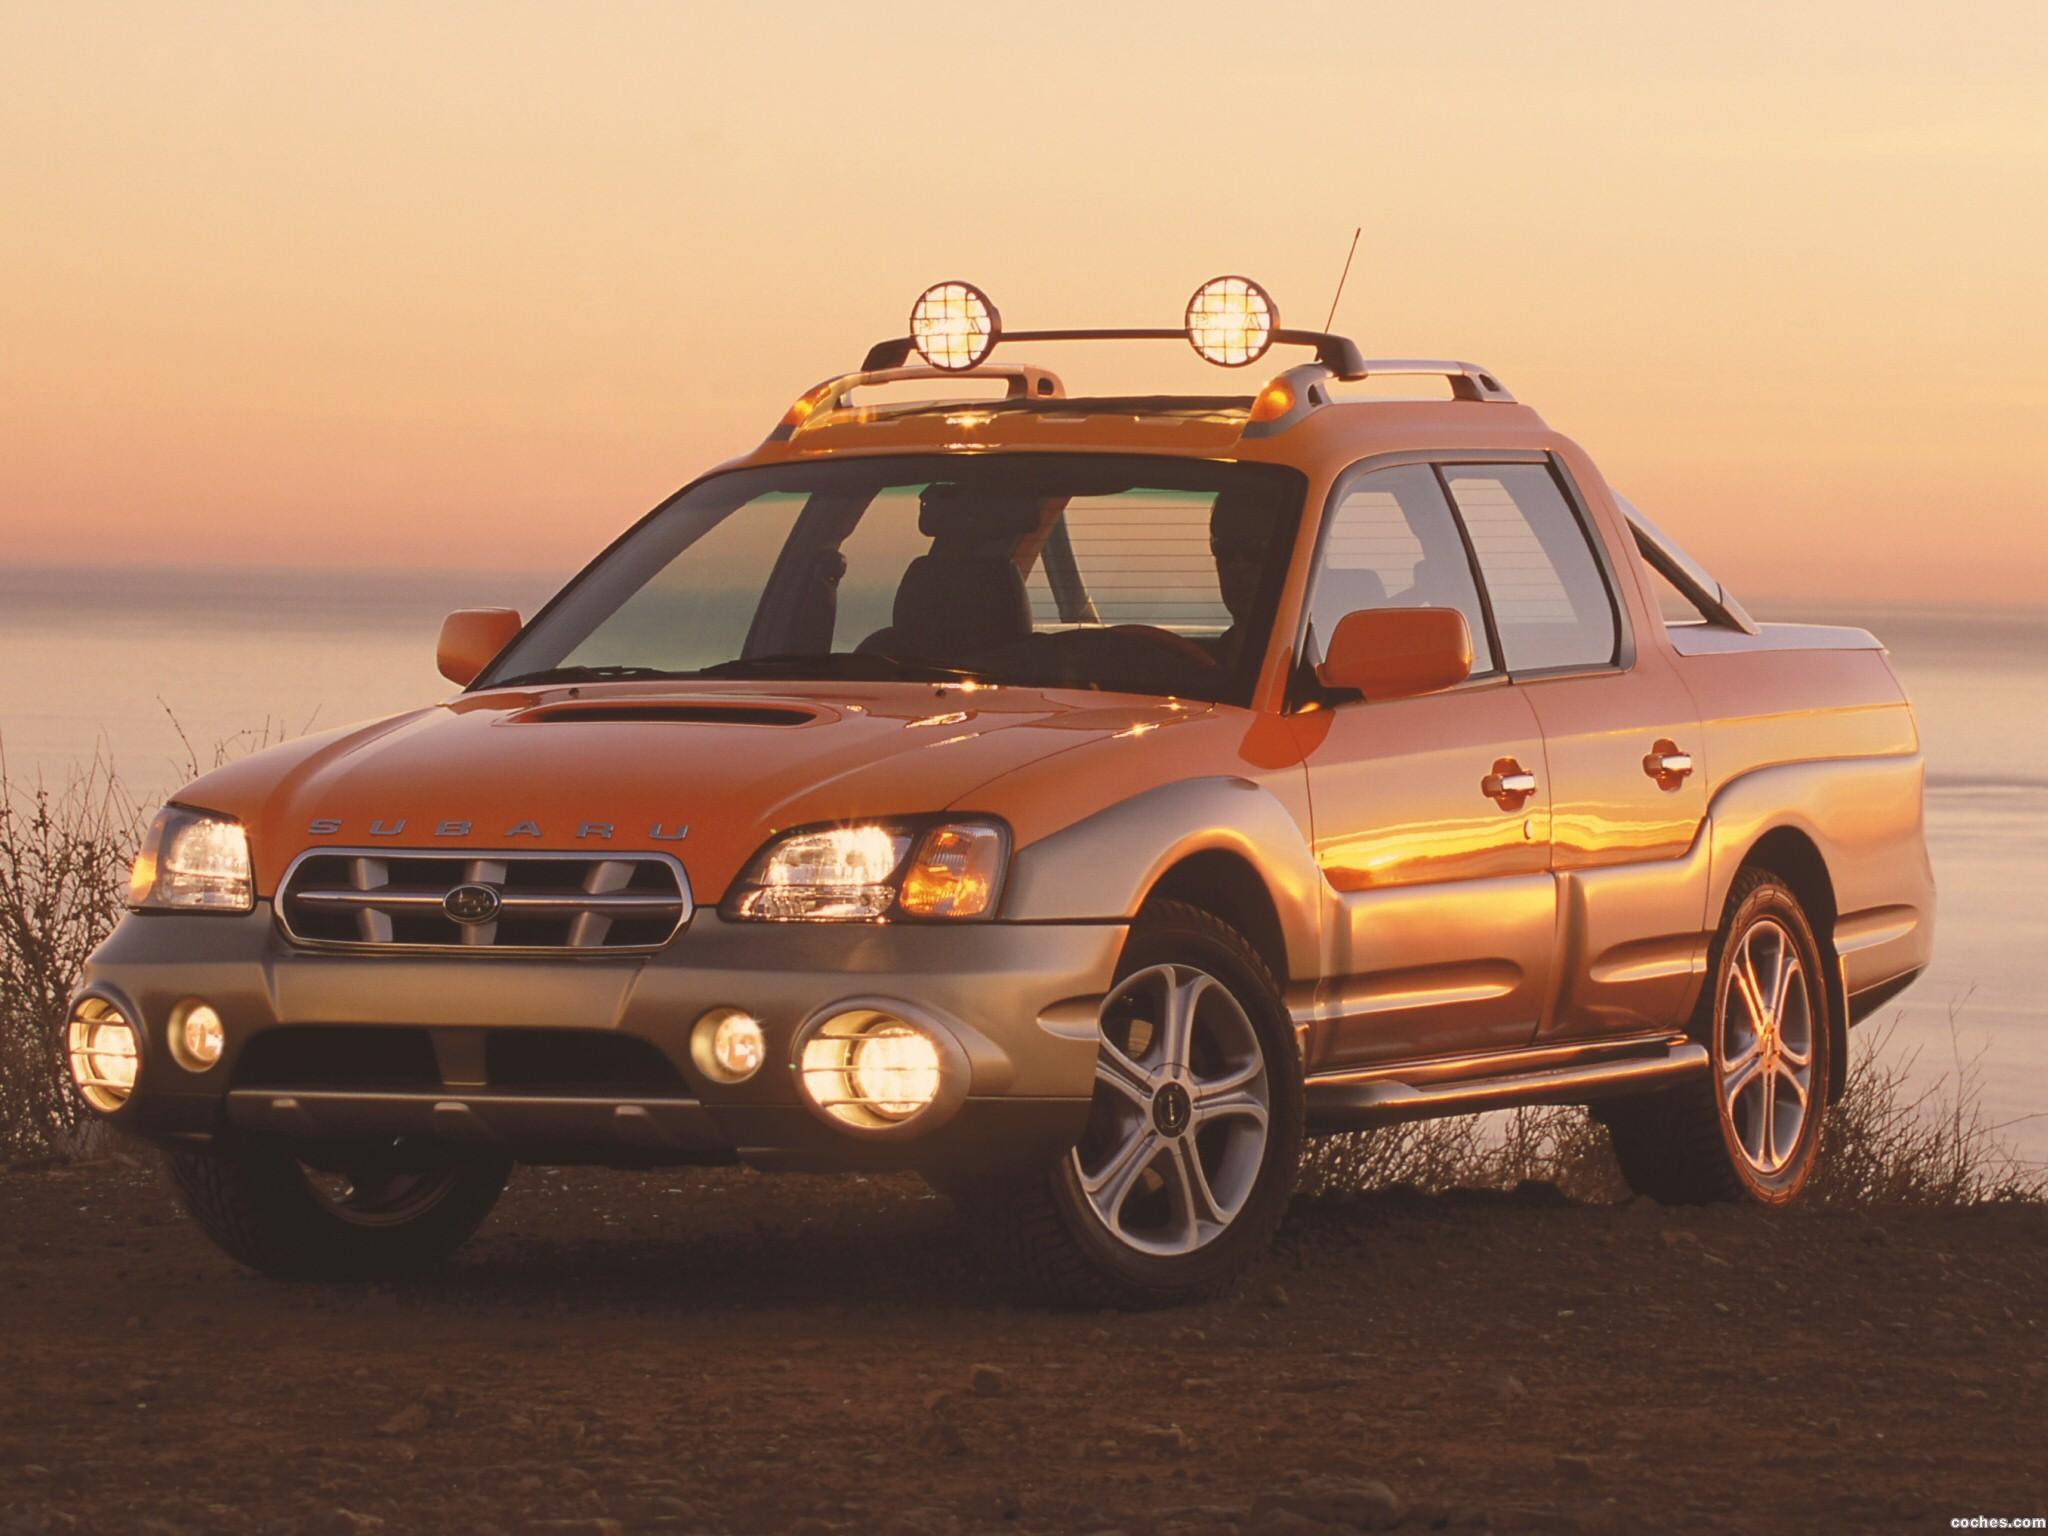 Foto 0 de Subaru STX Concept 2000